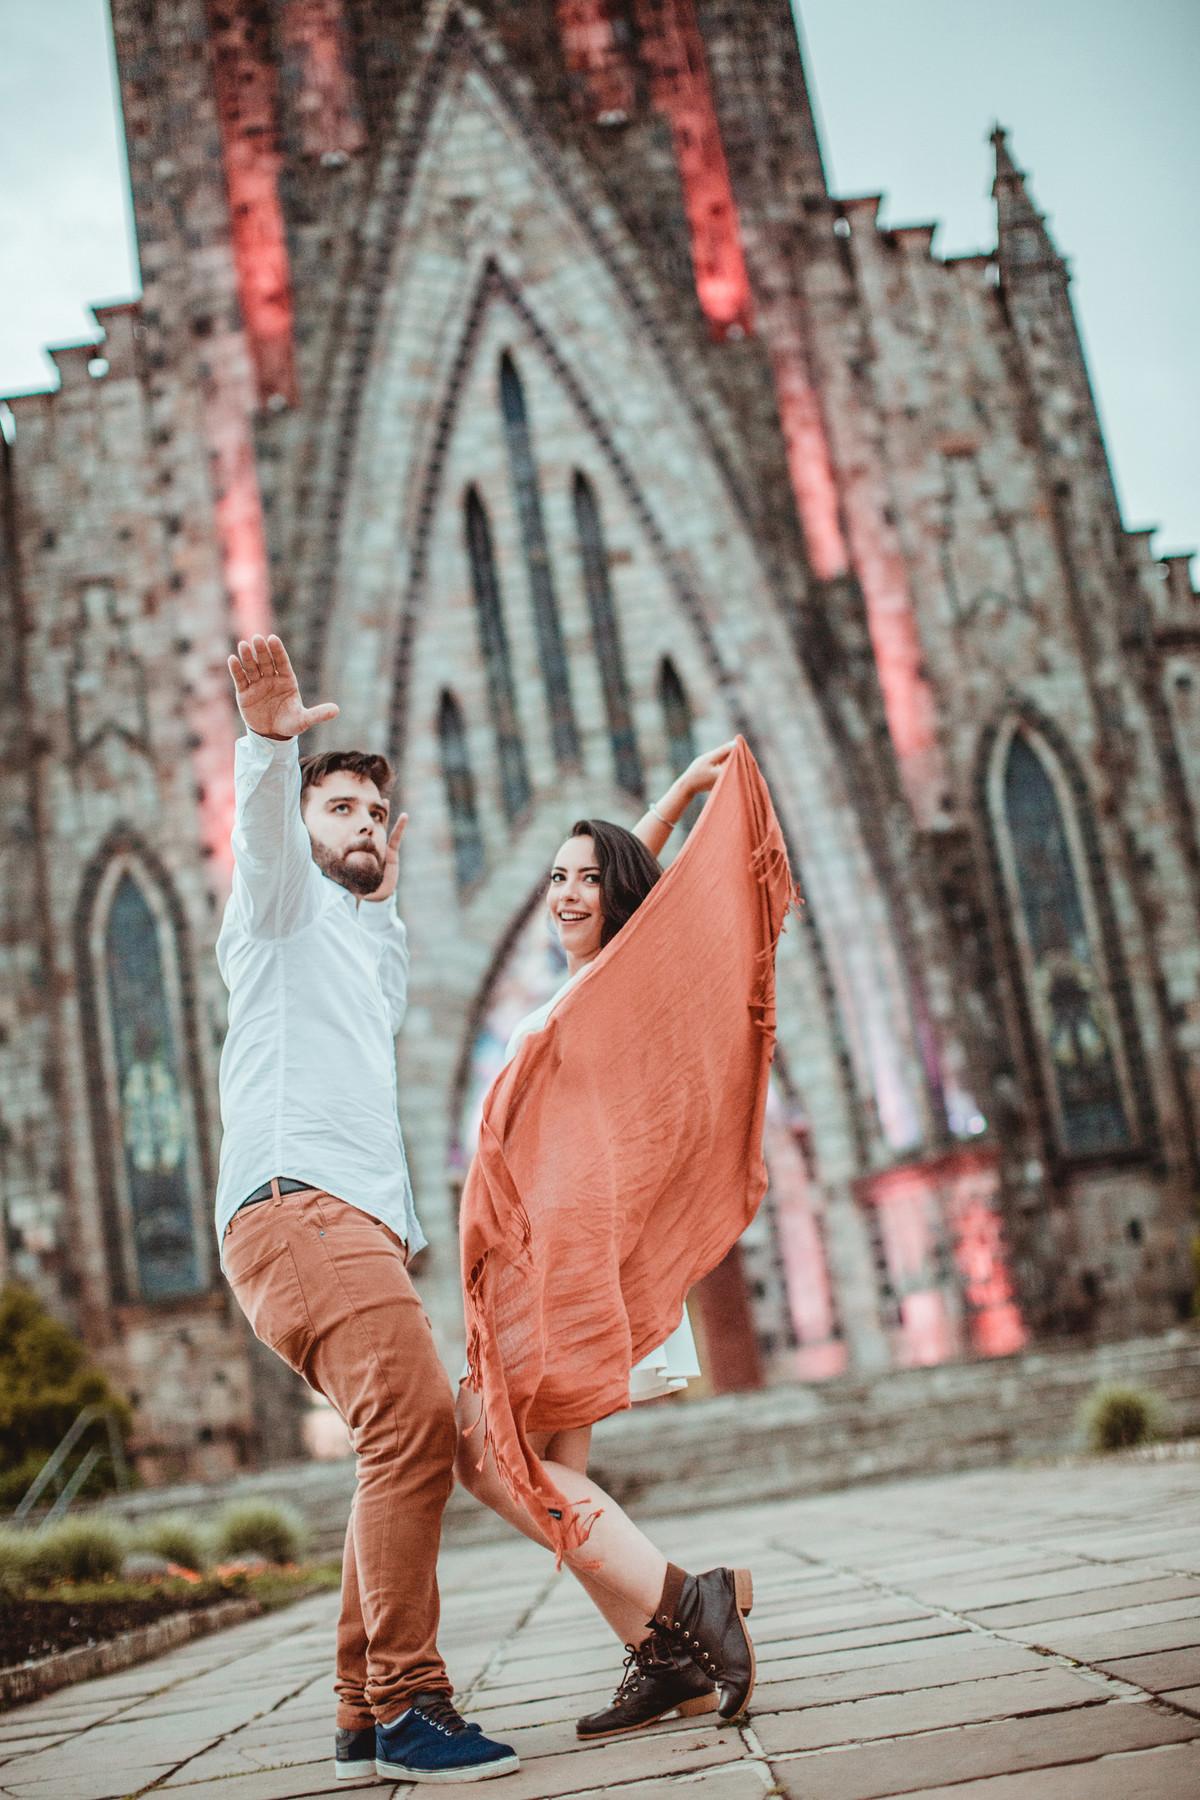 Casal se divertindo em ensaio romântico em frente a Igreja Matriz de Canela-RS. Foto feita pelo fotógrafo de casamento Rafael Ohana